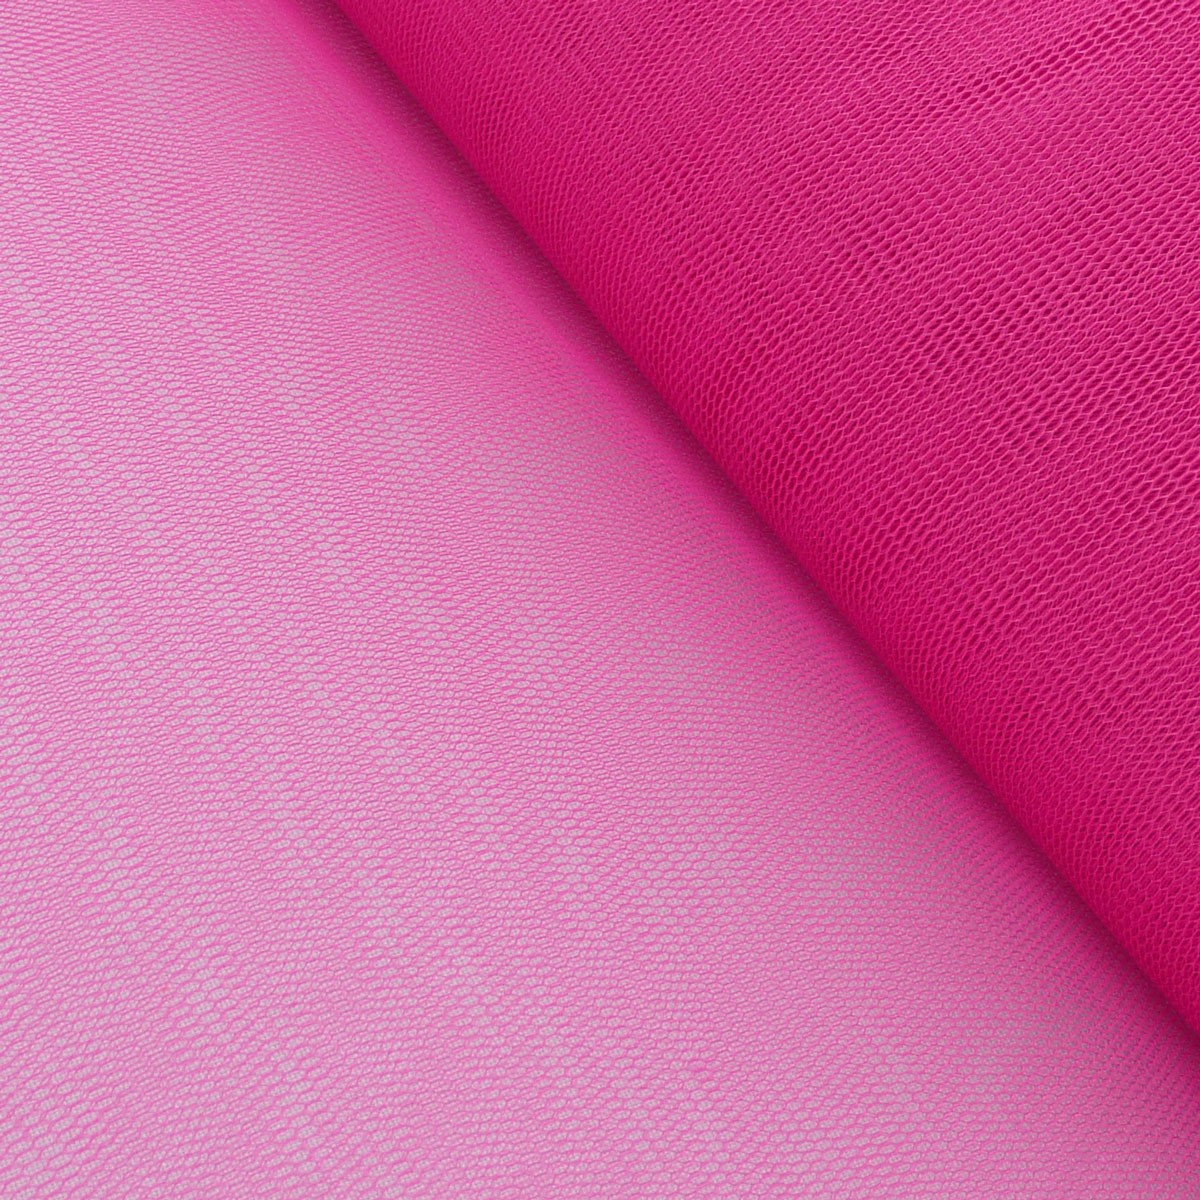 Kreativstoff Tüll Polyester pink beere 1,4m Breite